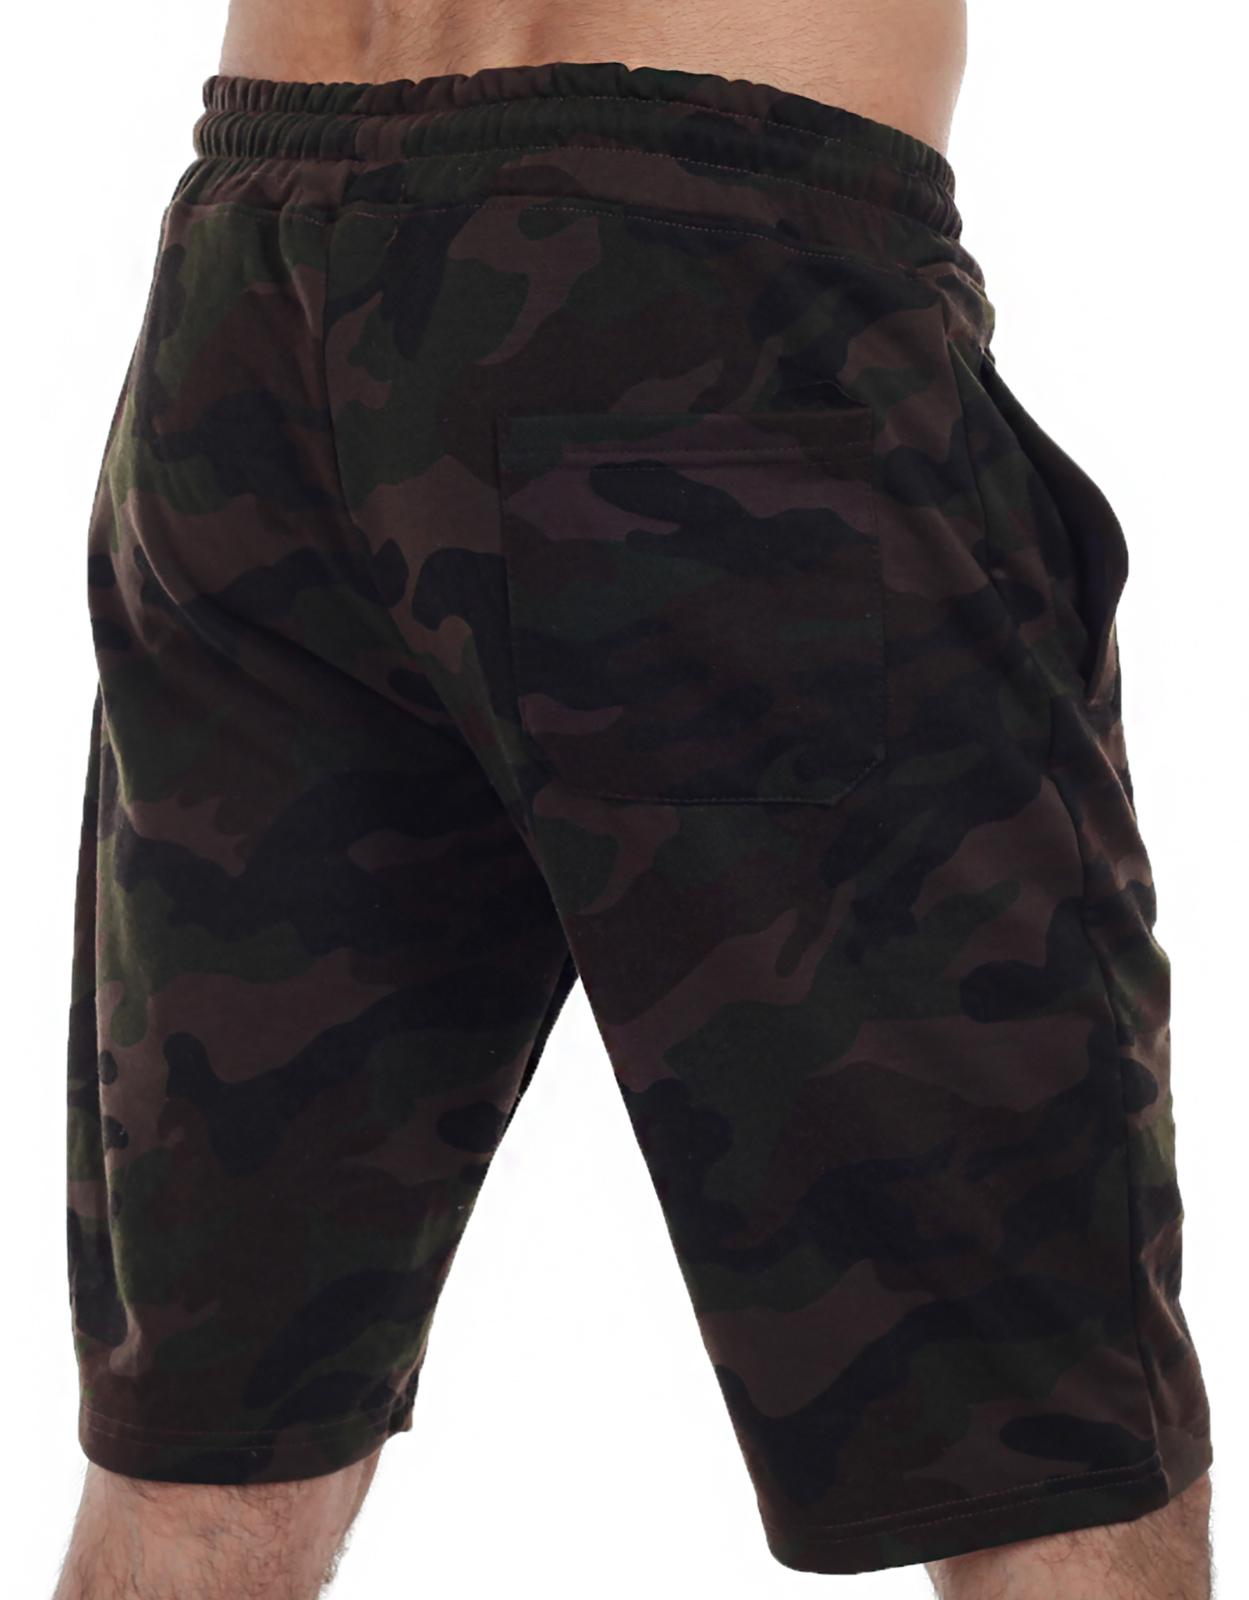 Камуфляжные шорты удлиненного кроя с нашивкой РВСН - заказать онлайн